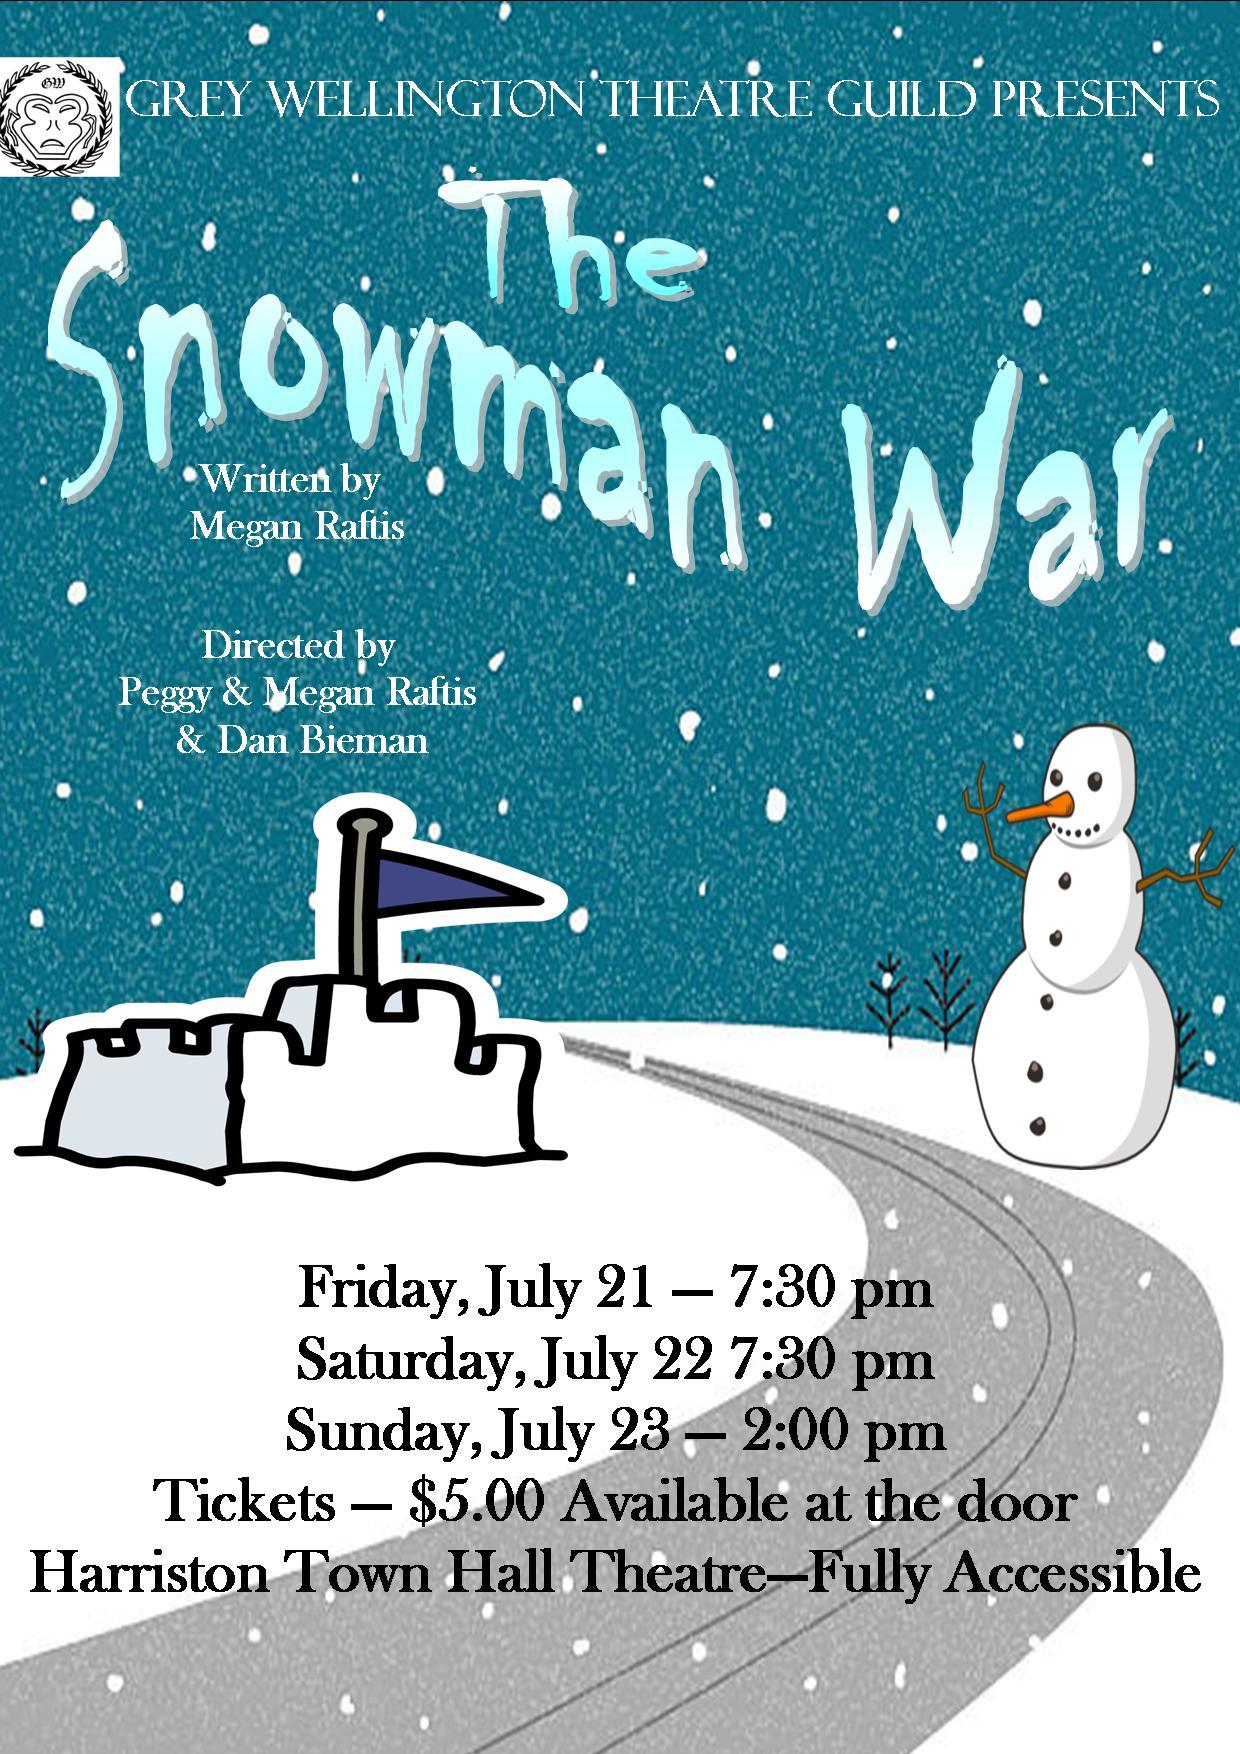 the Snowman War